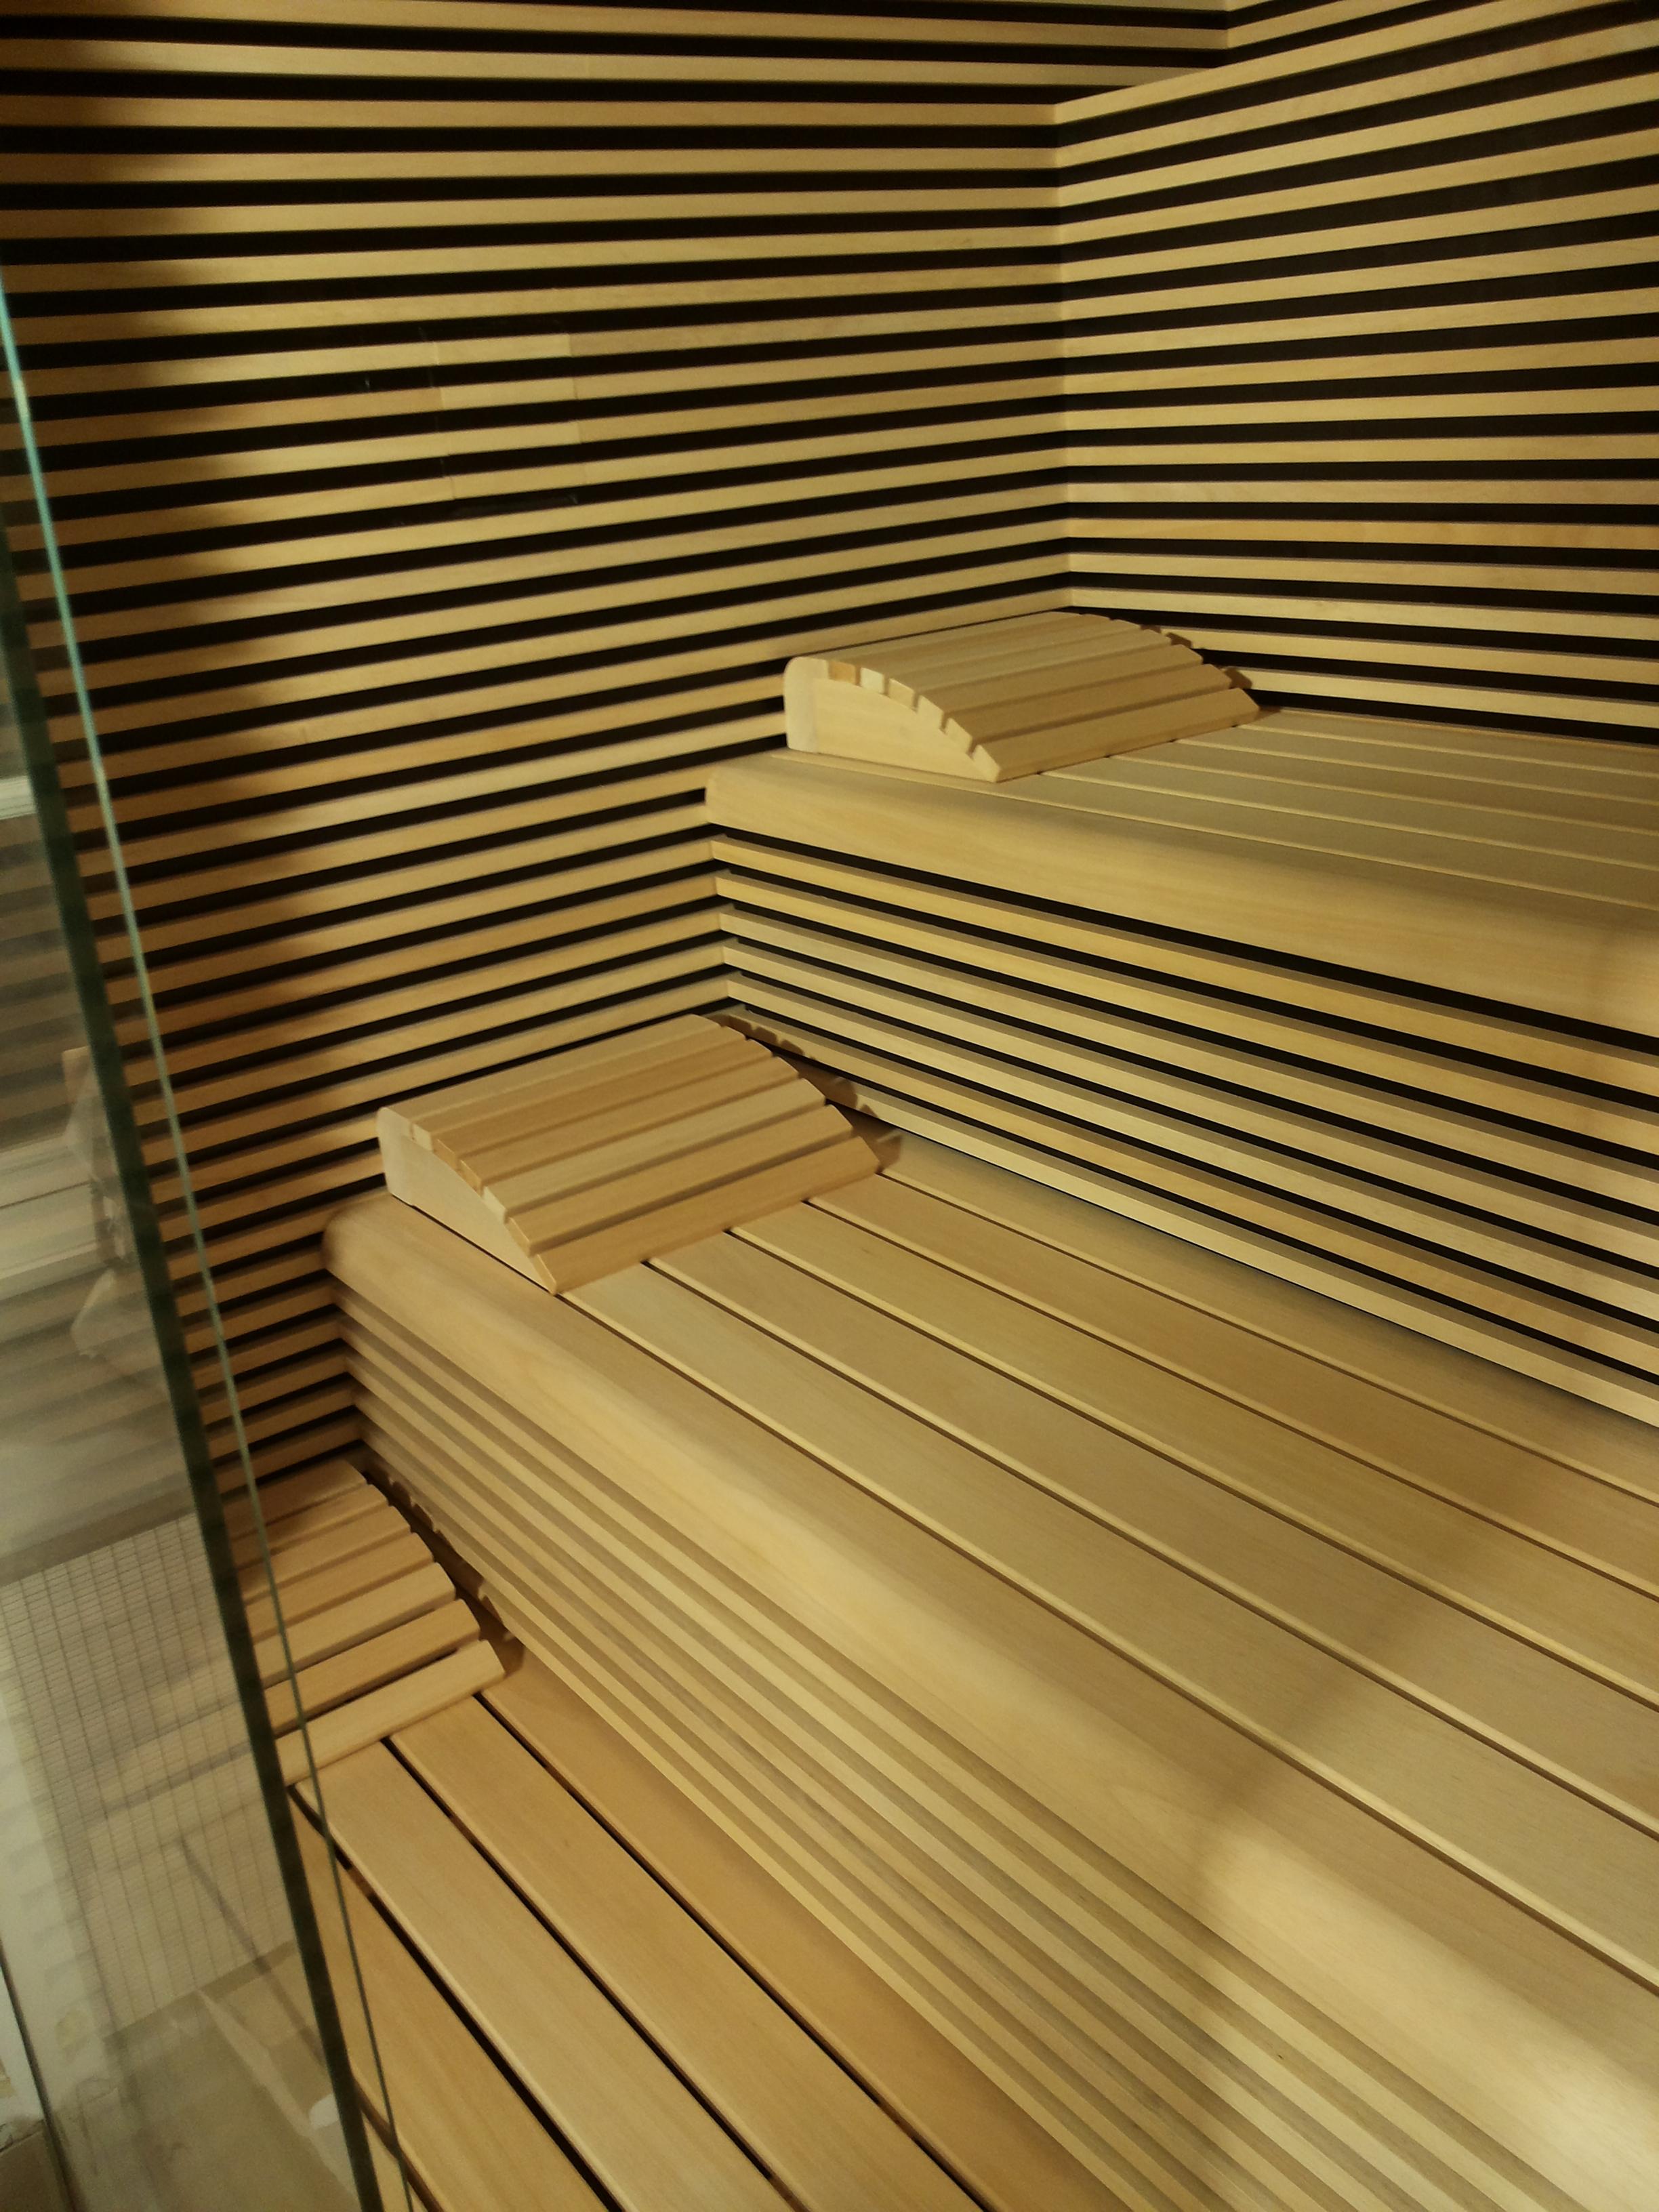 eiken_bijgebouw_met_sauna5 - Eikenhouten bijgebouw met carport. Ingericht met luxe wellness/relaxruimte.